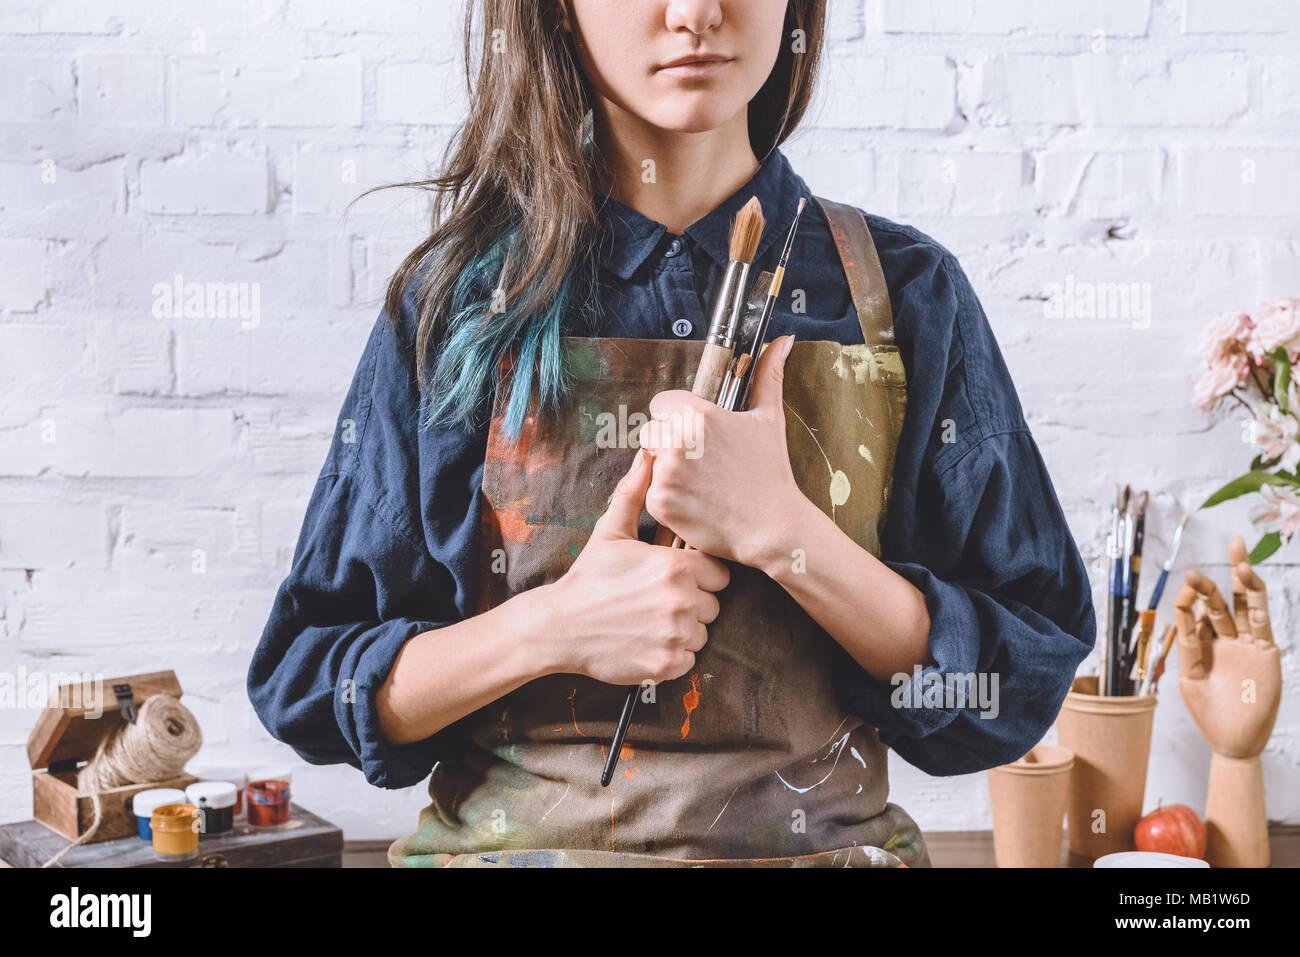 Imagen recortada de artista femenina que sujetan las escobillas Imagen De Stock